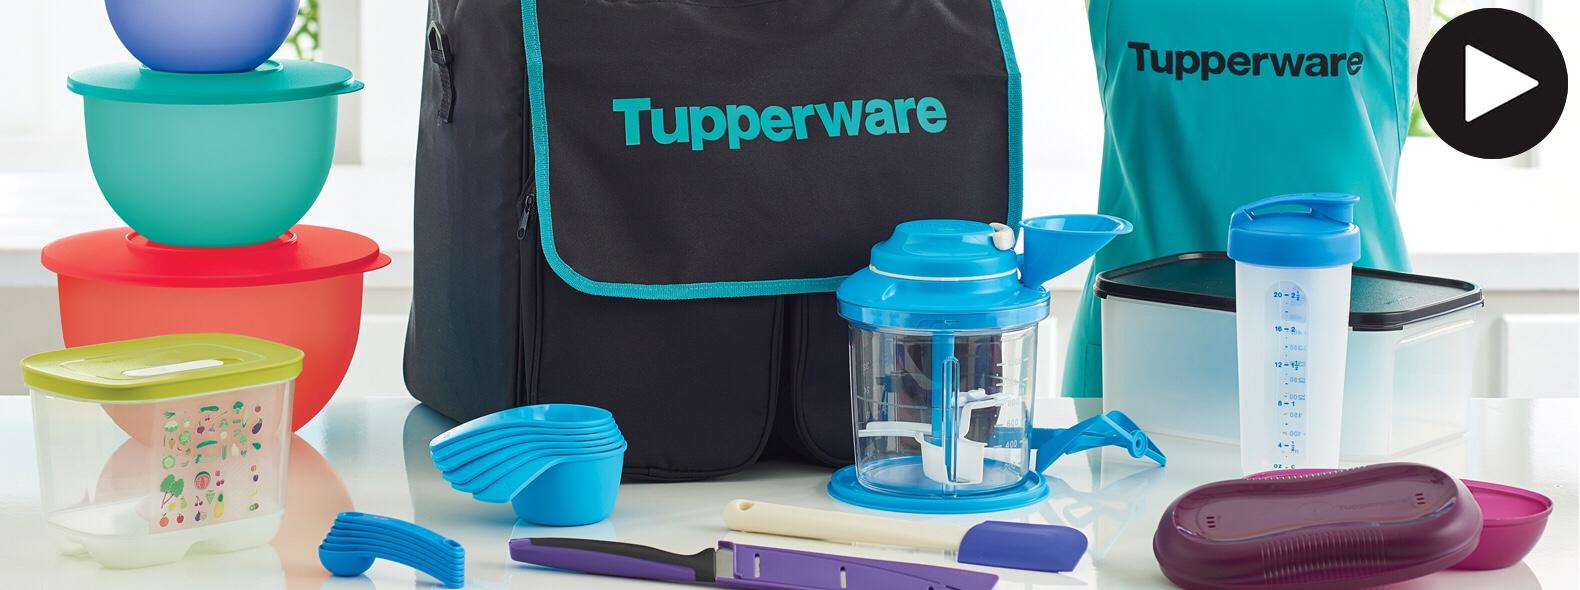 achat tupperware